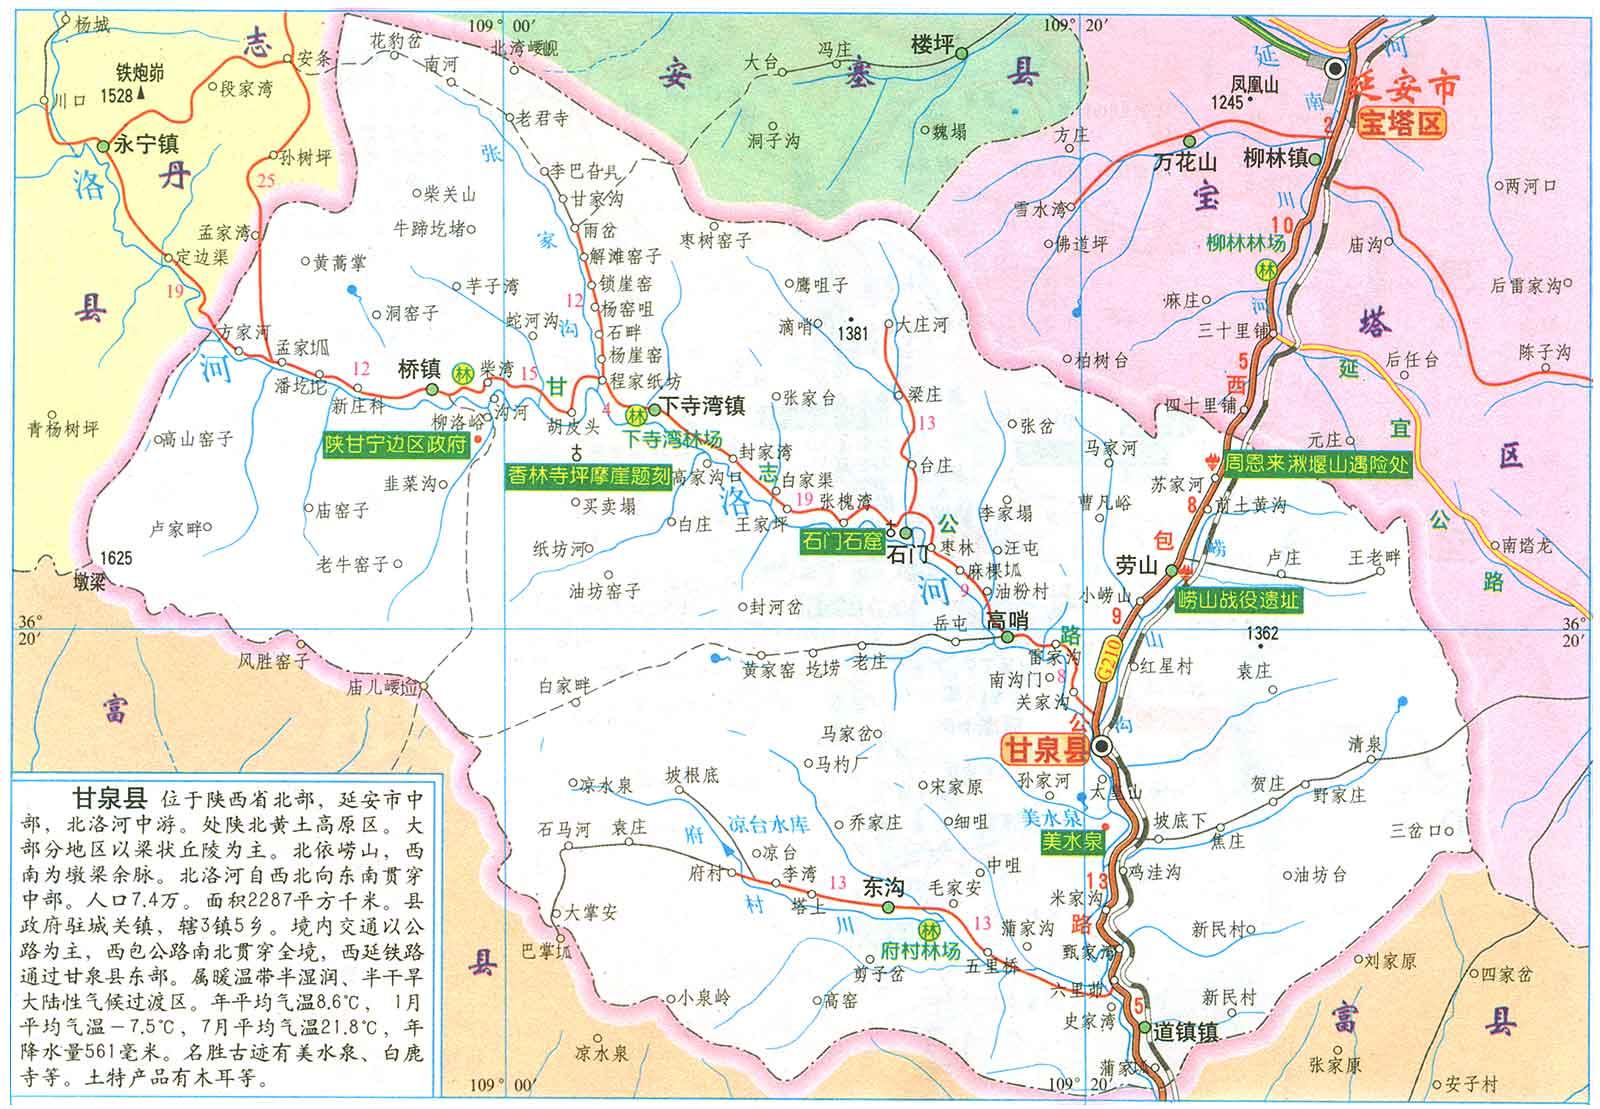 甘泉县地图